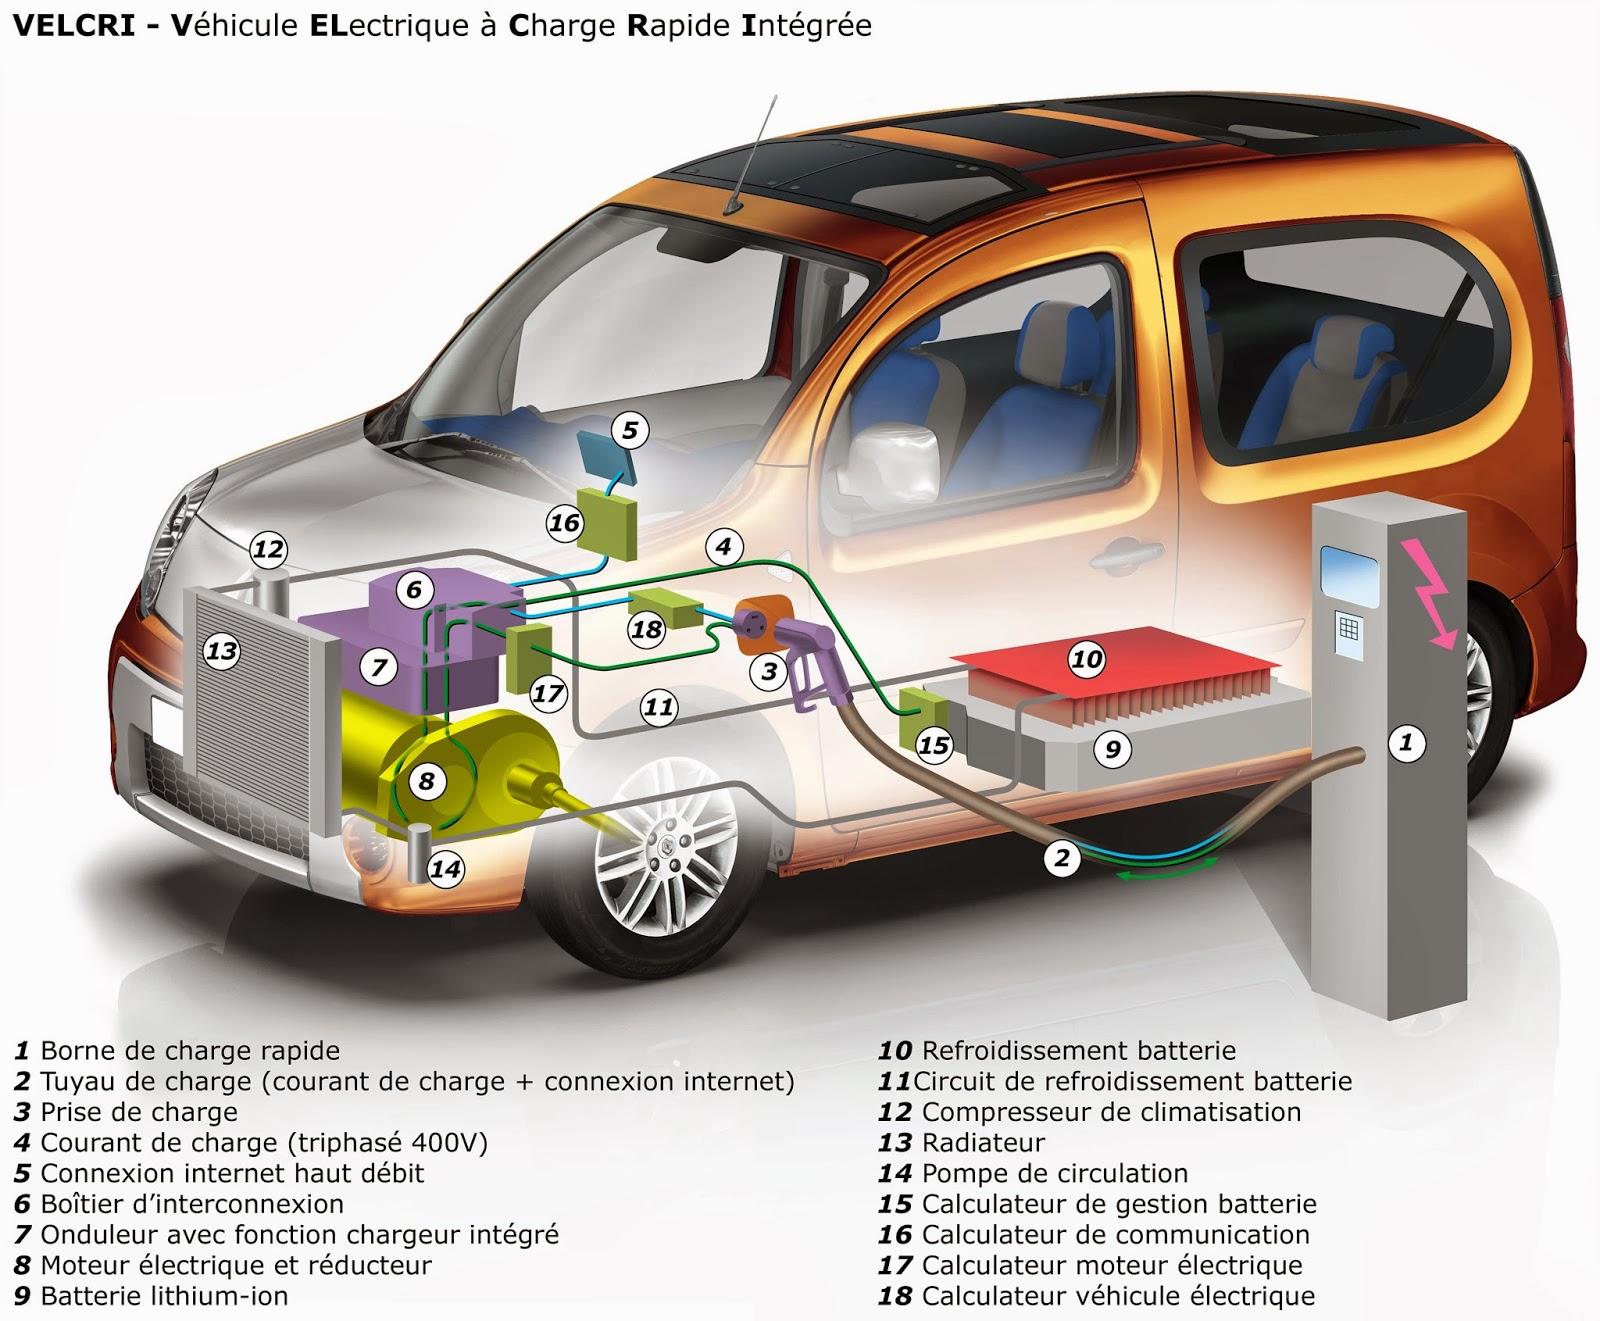 futur rime avec voitures la voiture lectrique comment. Black Bedroom Furniture Sets. Home Design Ideas